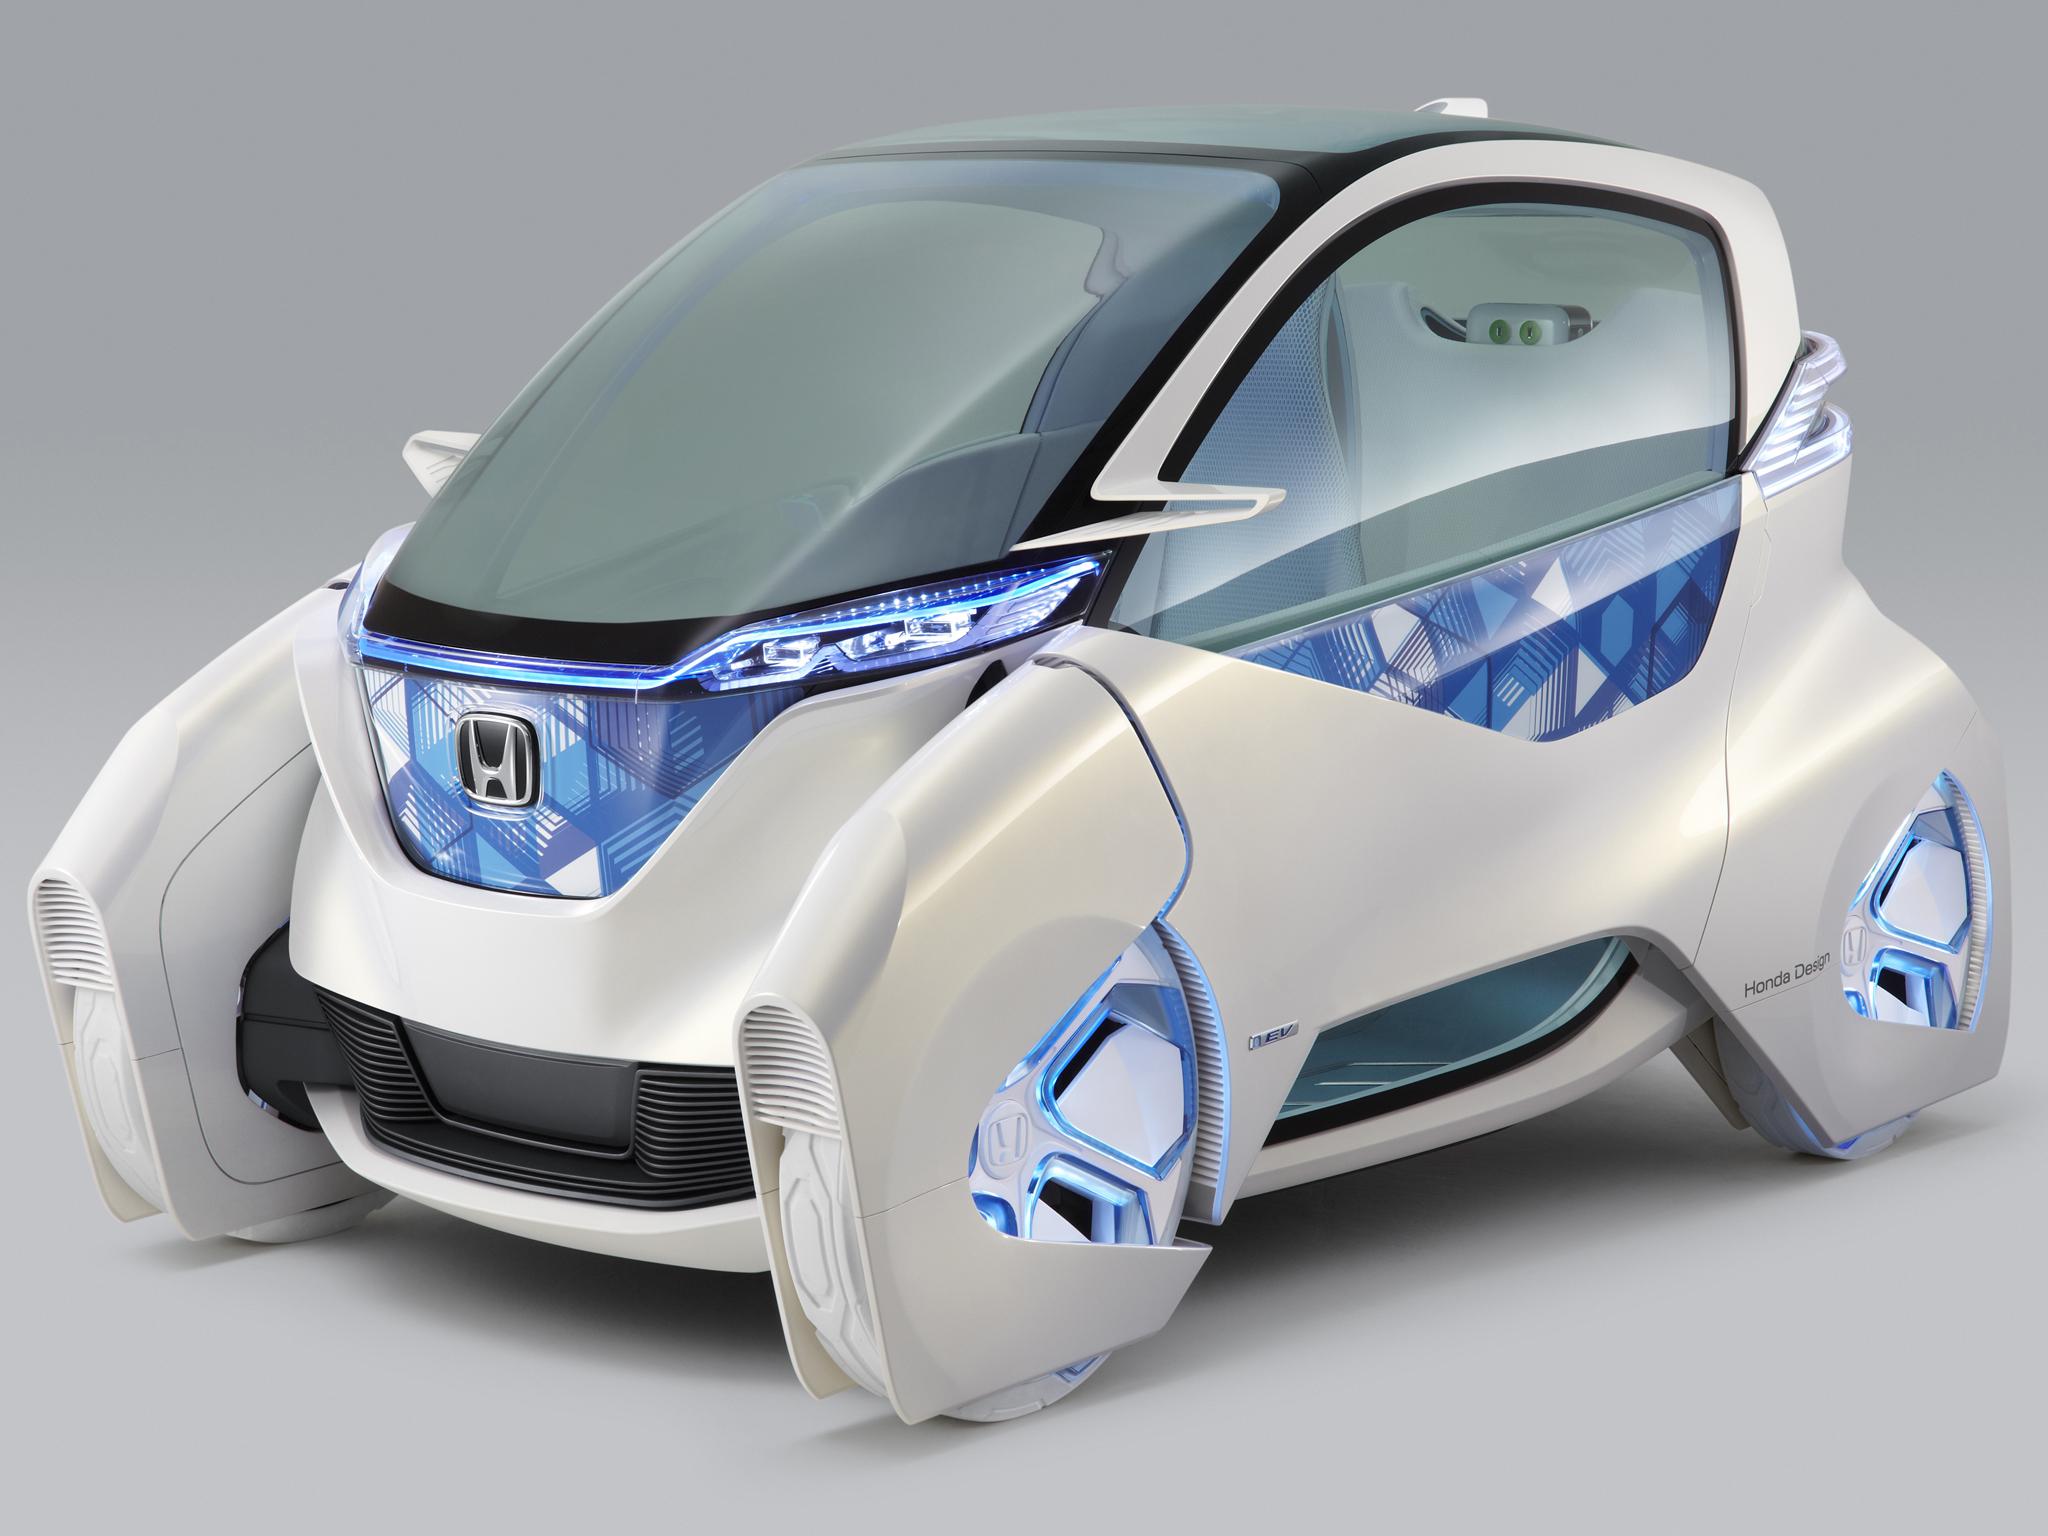 Хонда показала свой новый электрокар | Электрокар ...